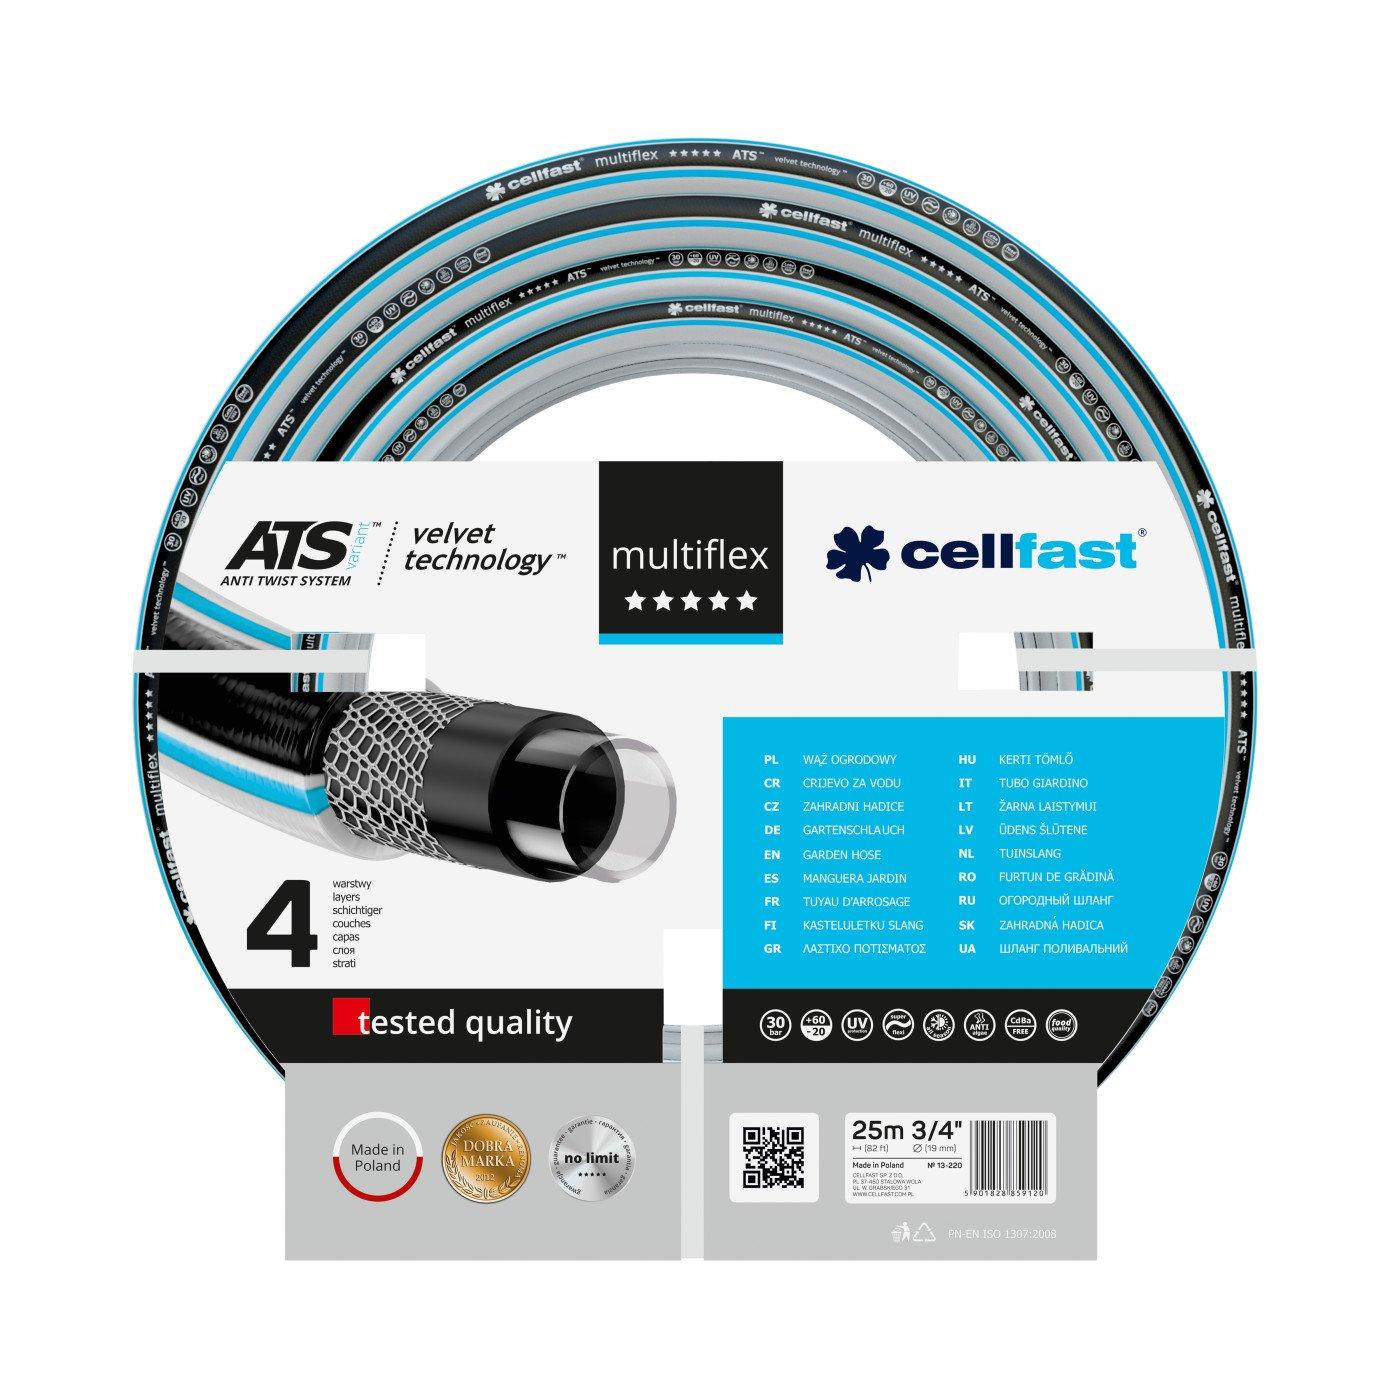 CELLFAST - TUINSLANG - MULTIFLEX ATS VARIANT™ VT - 3/4